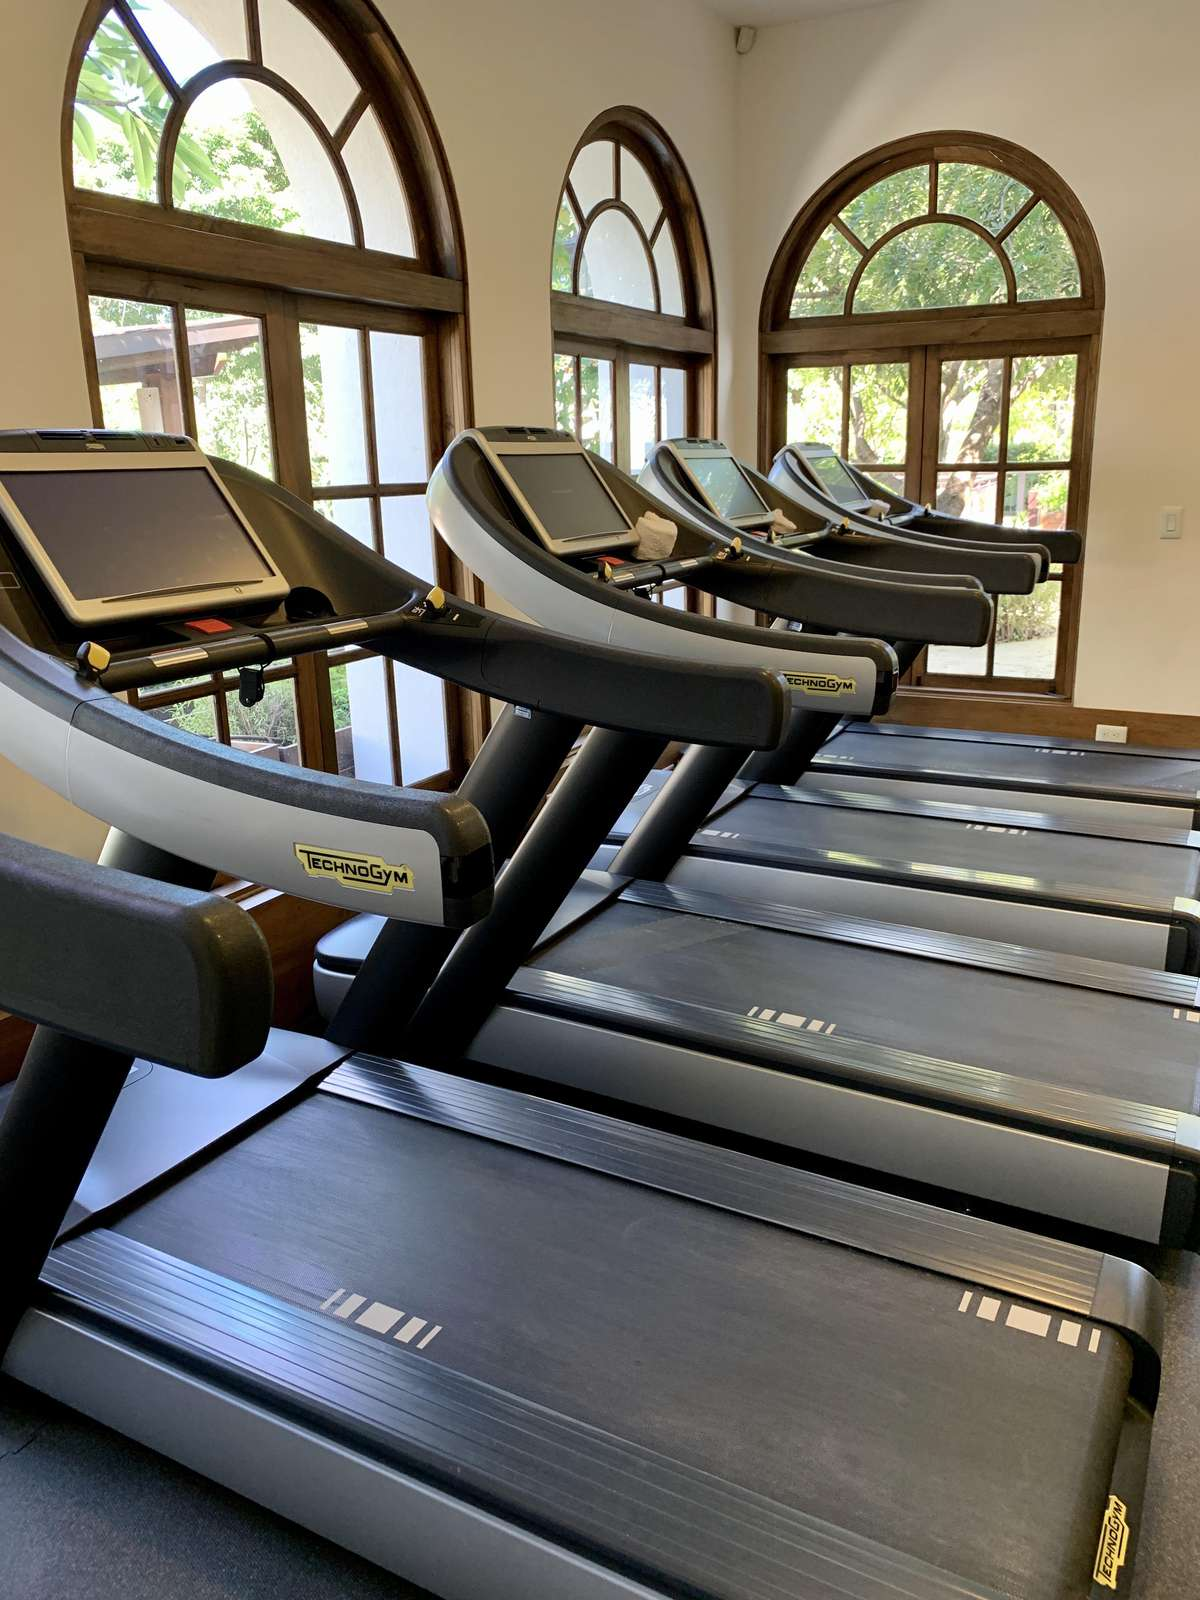 The gym at the beach club